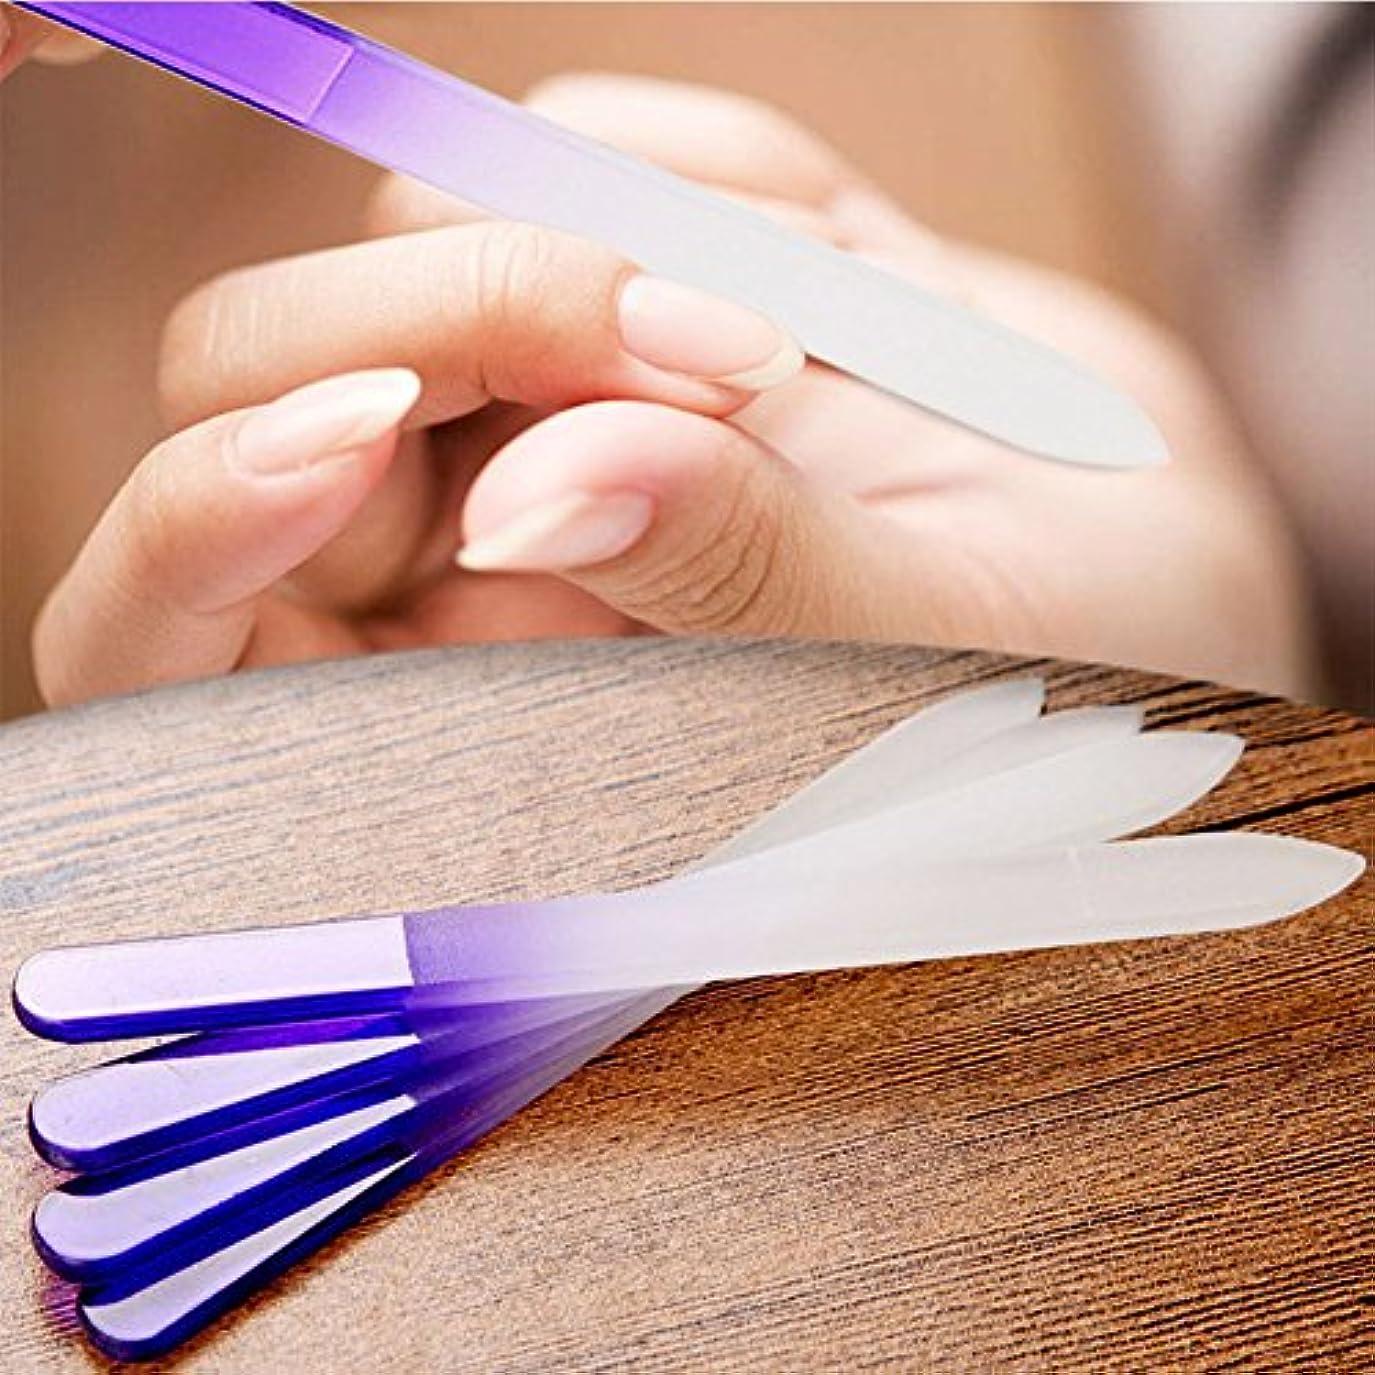 反逆者オーバーコート砂利Liebeye マニキュア ネイル ファイル クリスタル ガラス ファイルバッファー 装置研磨 ネイル アート 装飾 ツール 4本